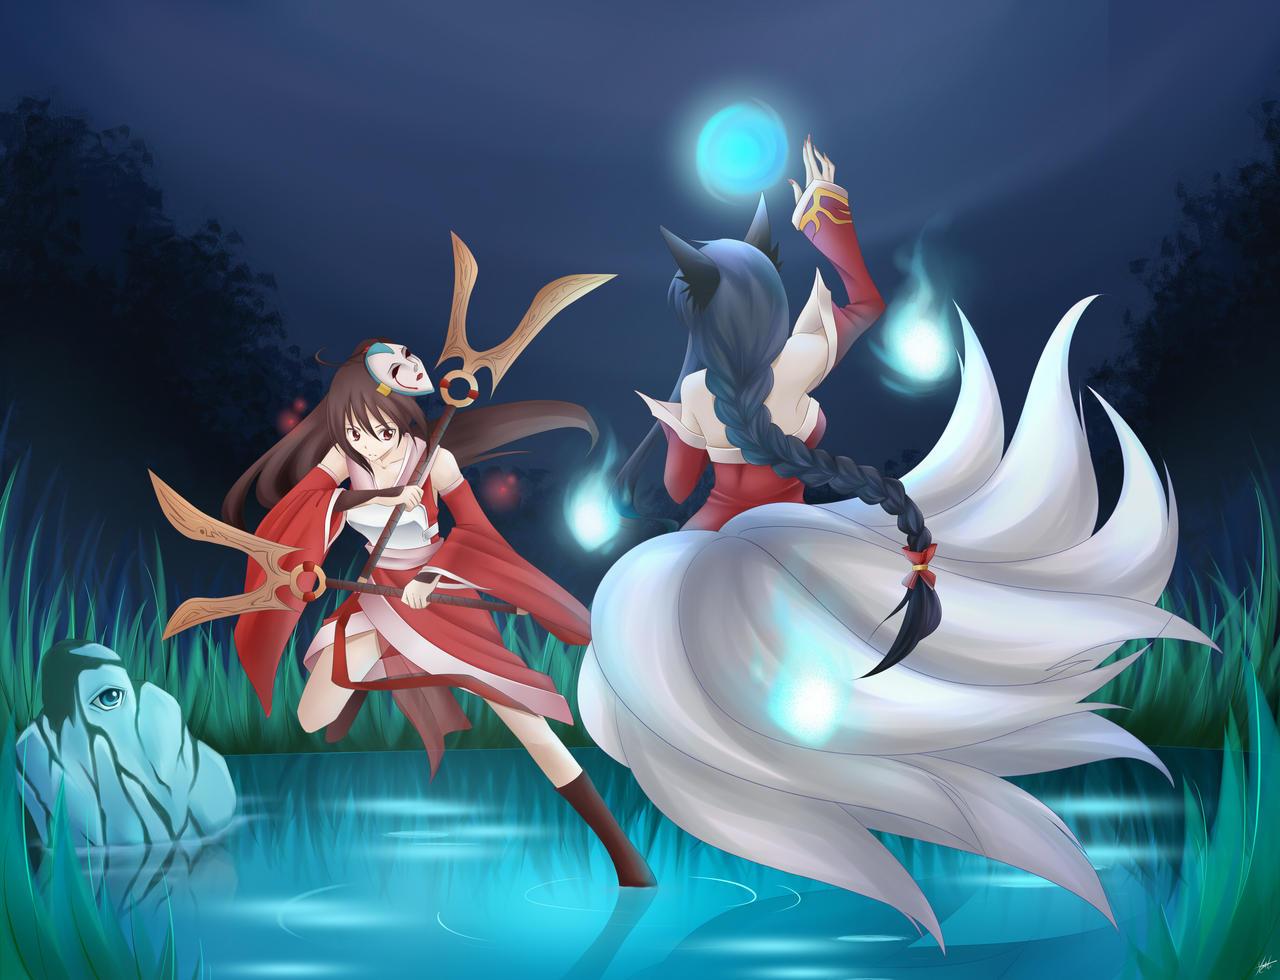 Mystic Duel by Fuyuume